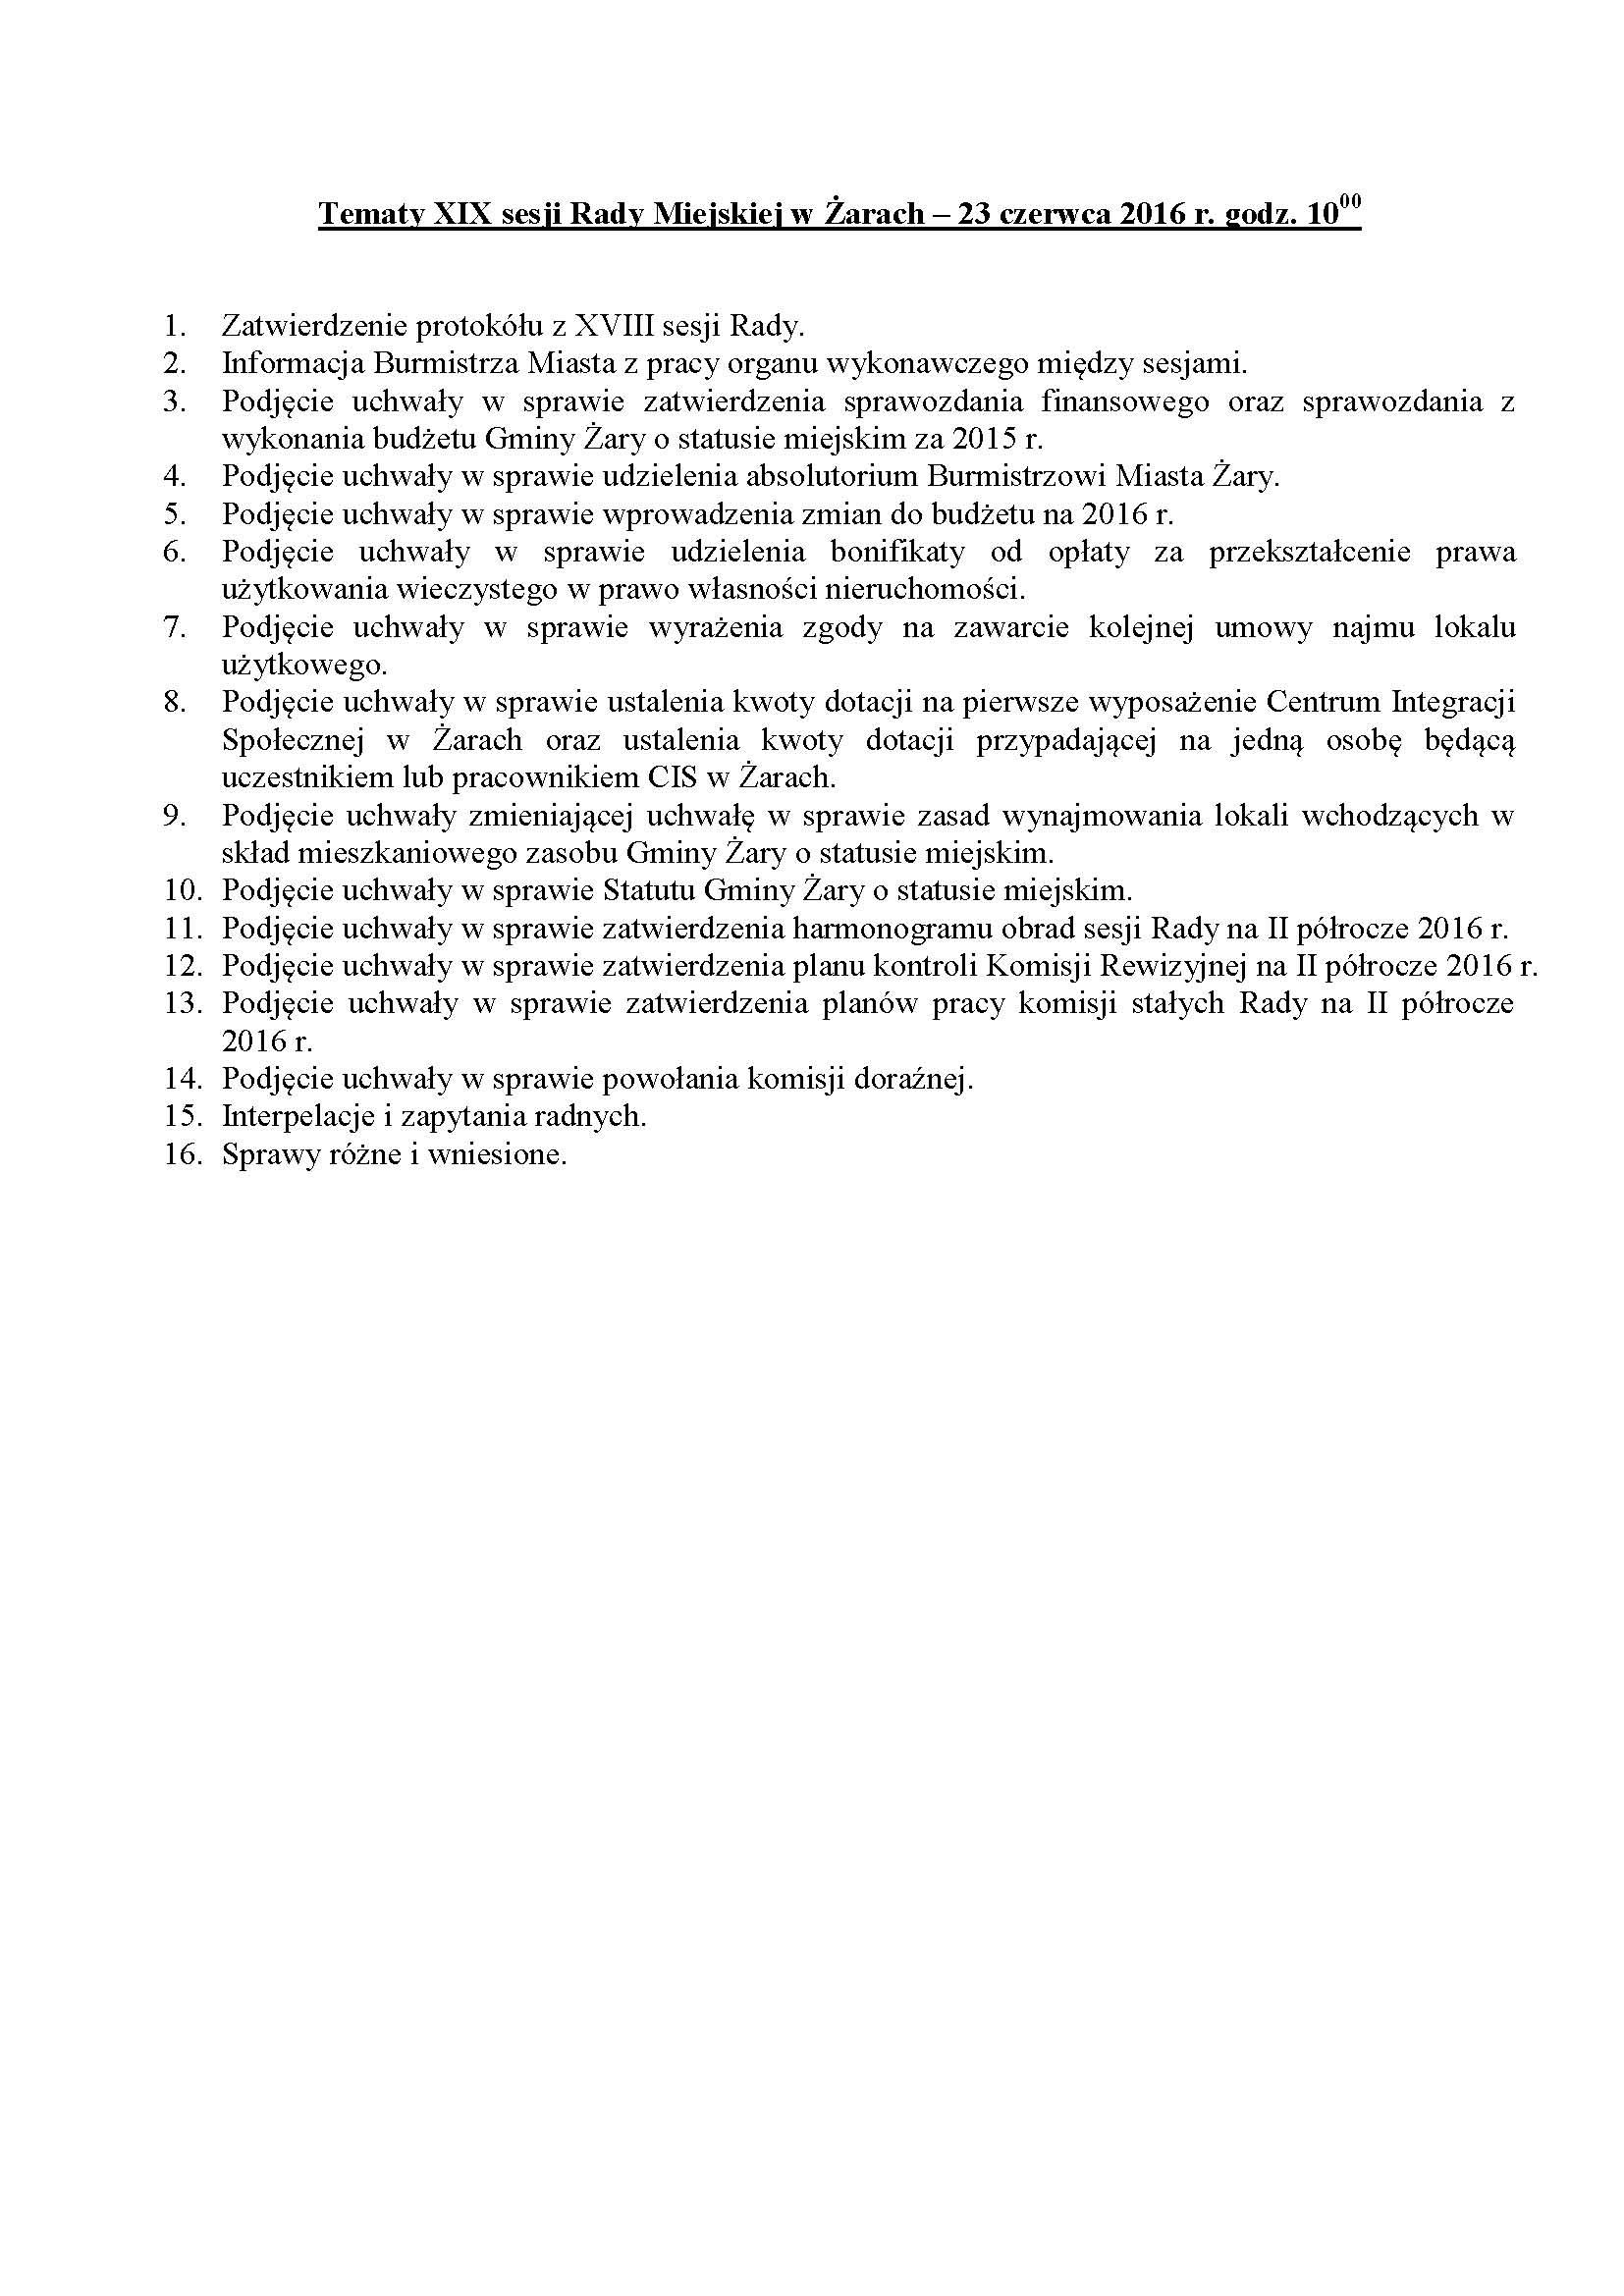 Ilustracja do informacji: Tematy XIX sesji Rady Miejskiej w Żarach – 23 czerwca 2016 r. godz. 10:00